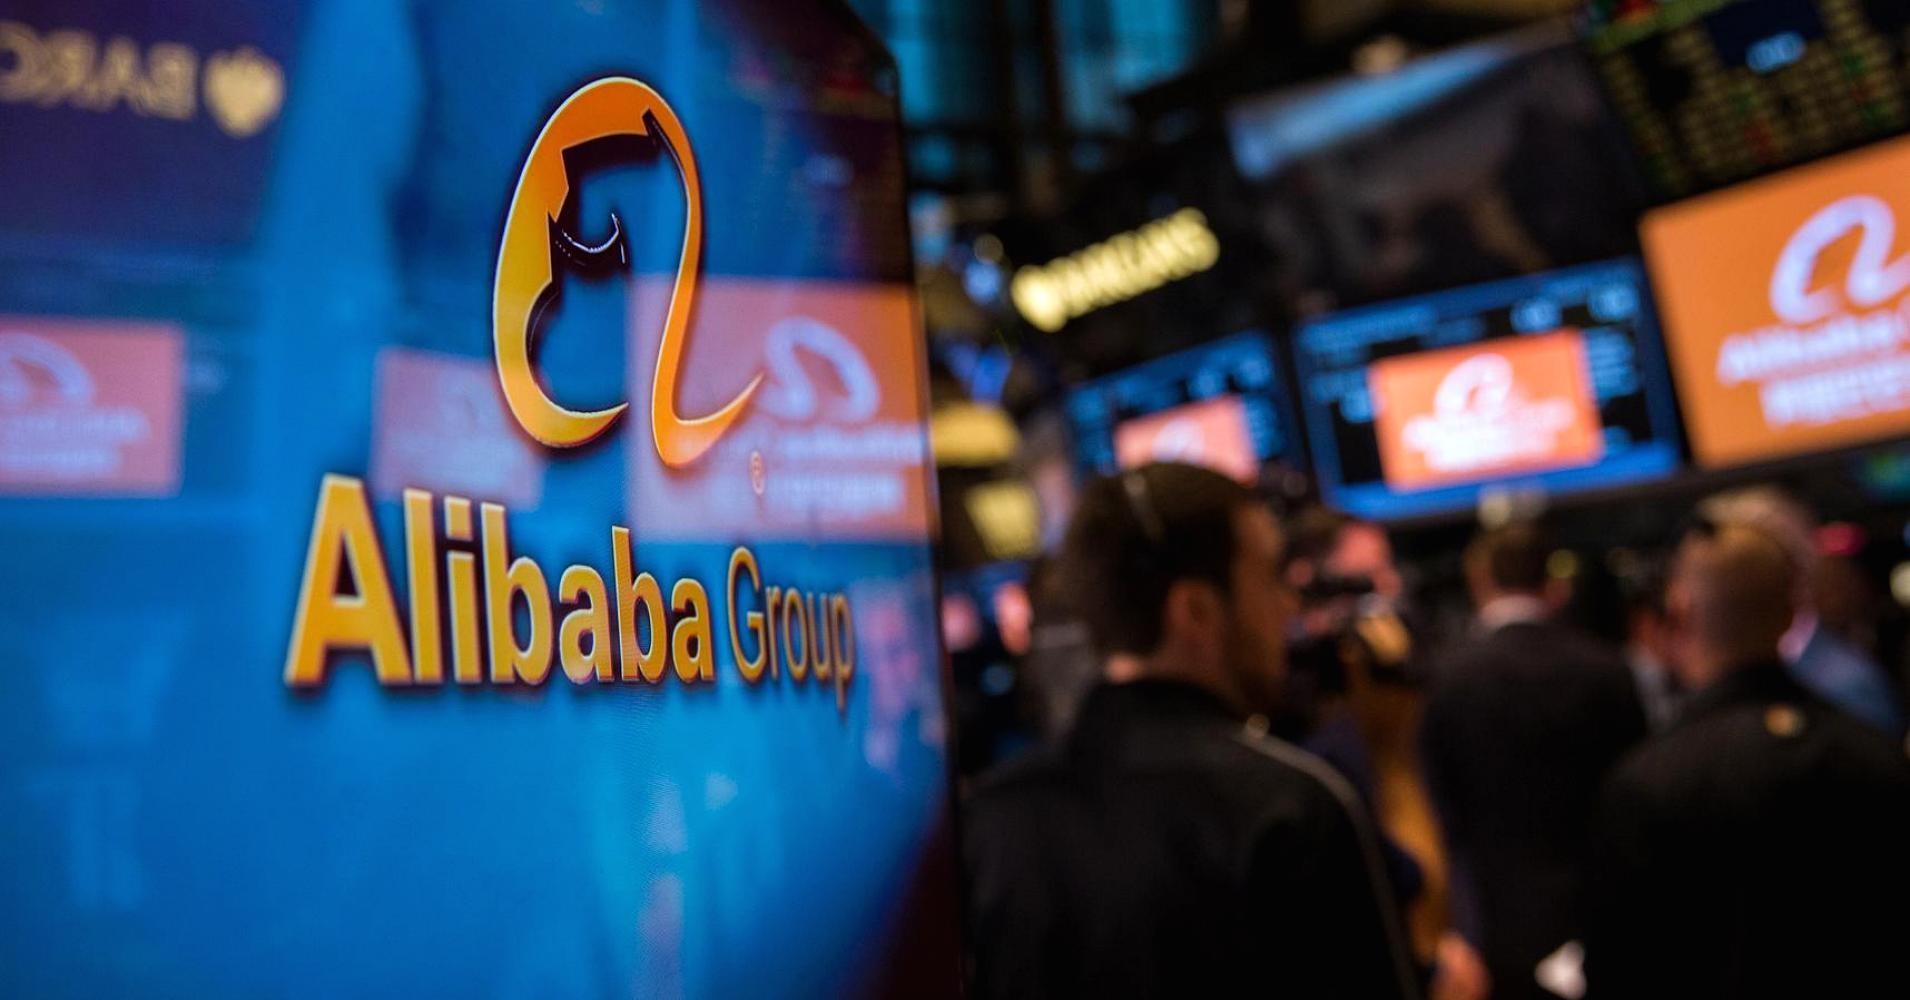 Alibaba Group присоединились кмировым брендам вборьбе сподделками